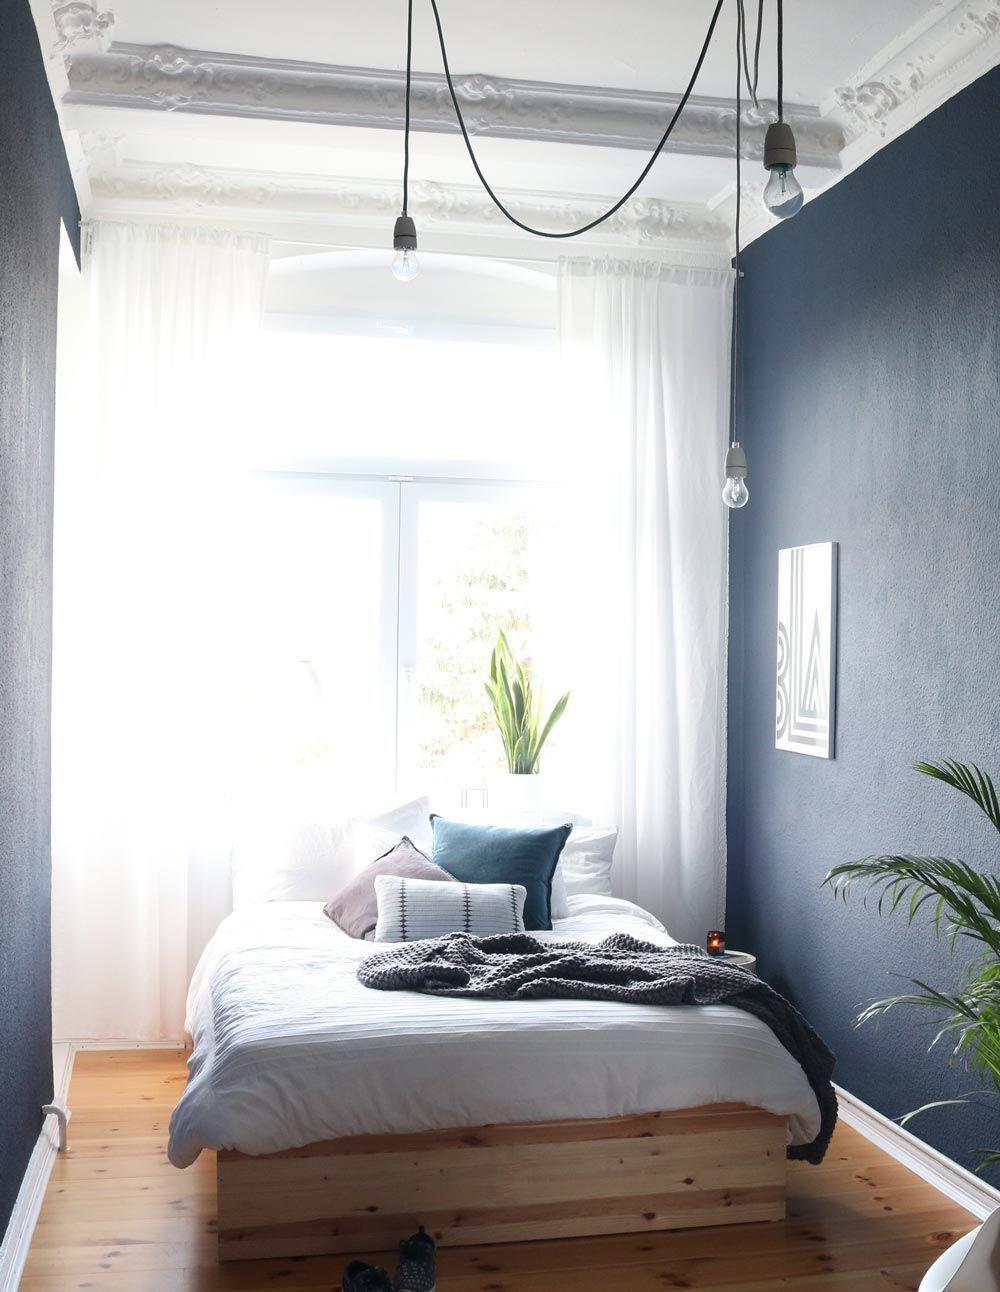 Schlafzimmer: Ideen zum Einrichten & Gestalten - Seite 24